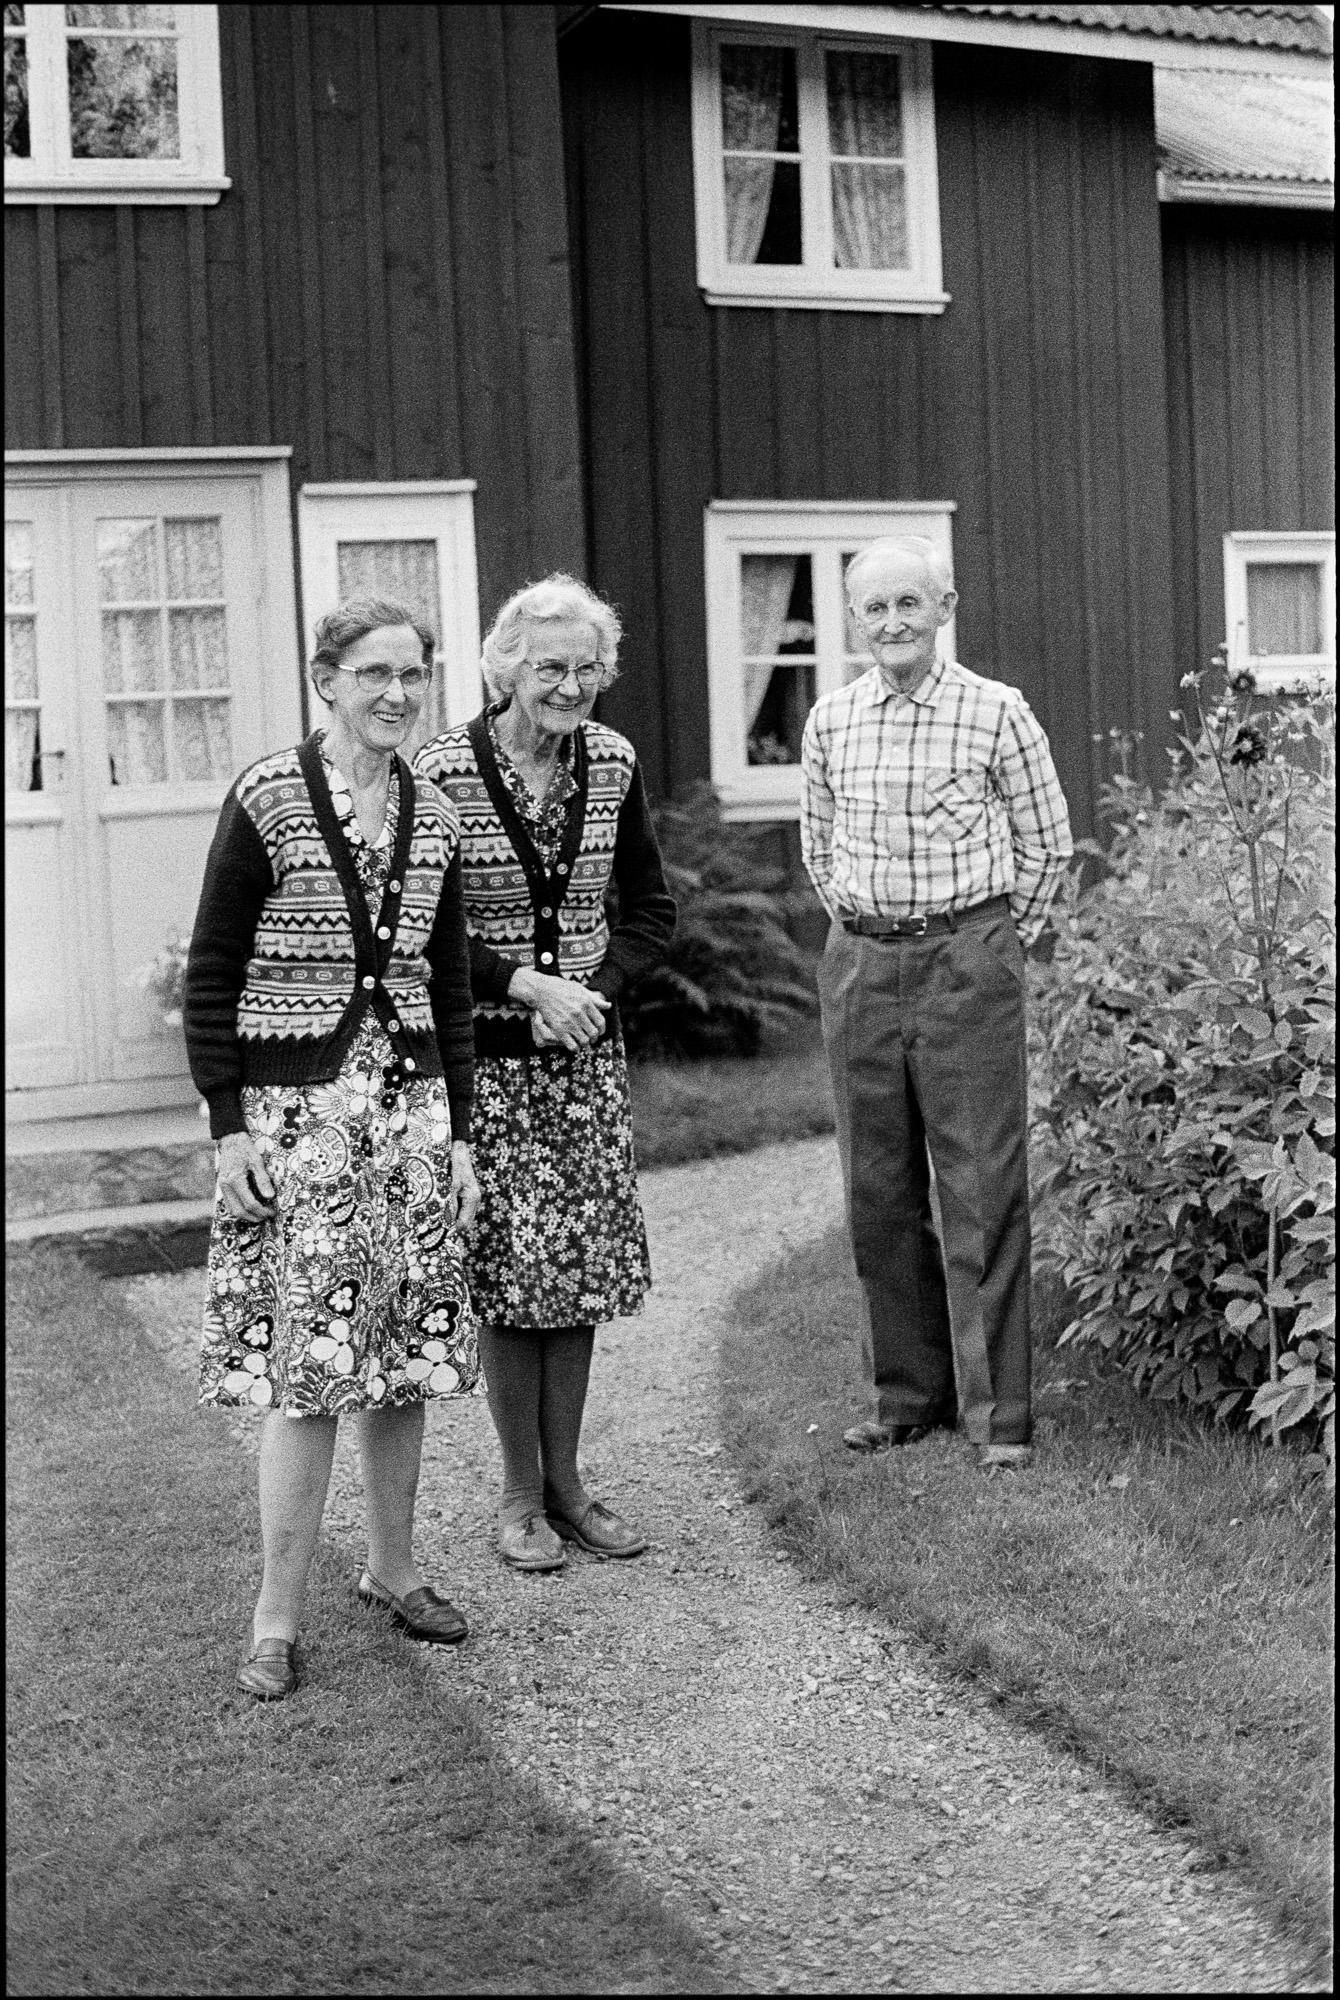 160207 Klara, Karin och Viktor Johansson Gunnared Juni 1984, Film 90, Konica T4 TriX 400@200 Konica T4 TriX 400@200